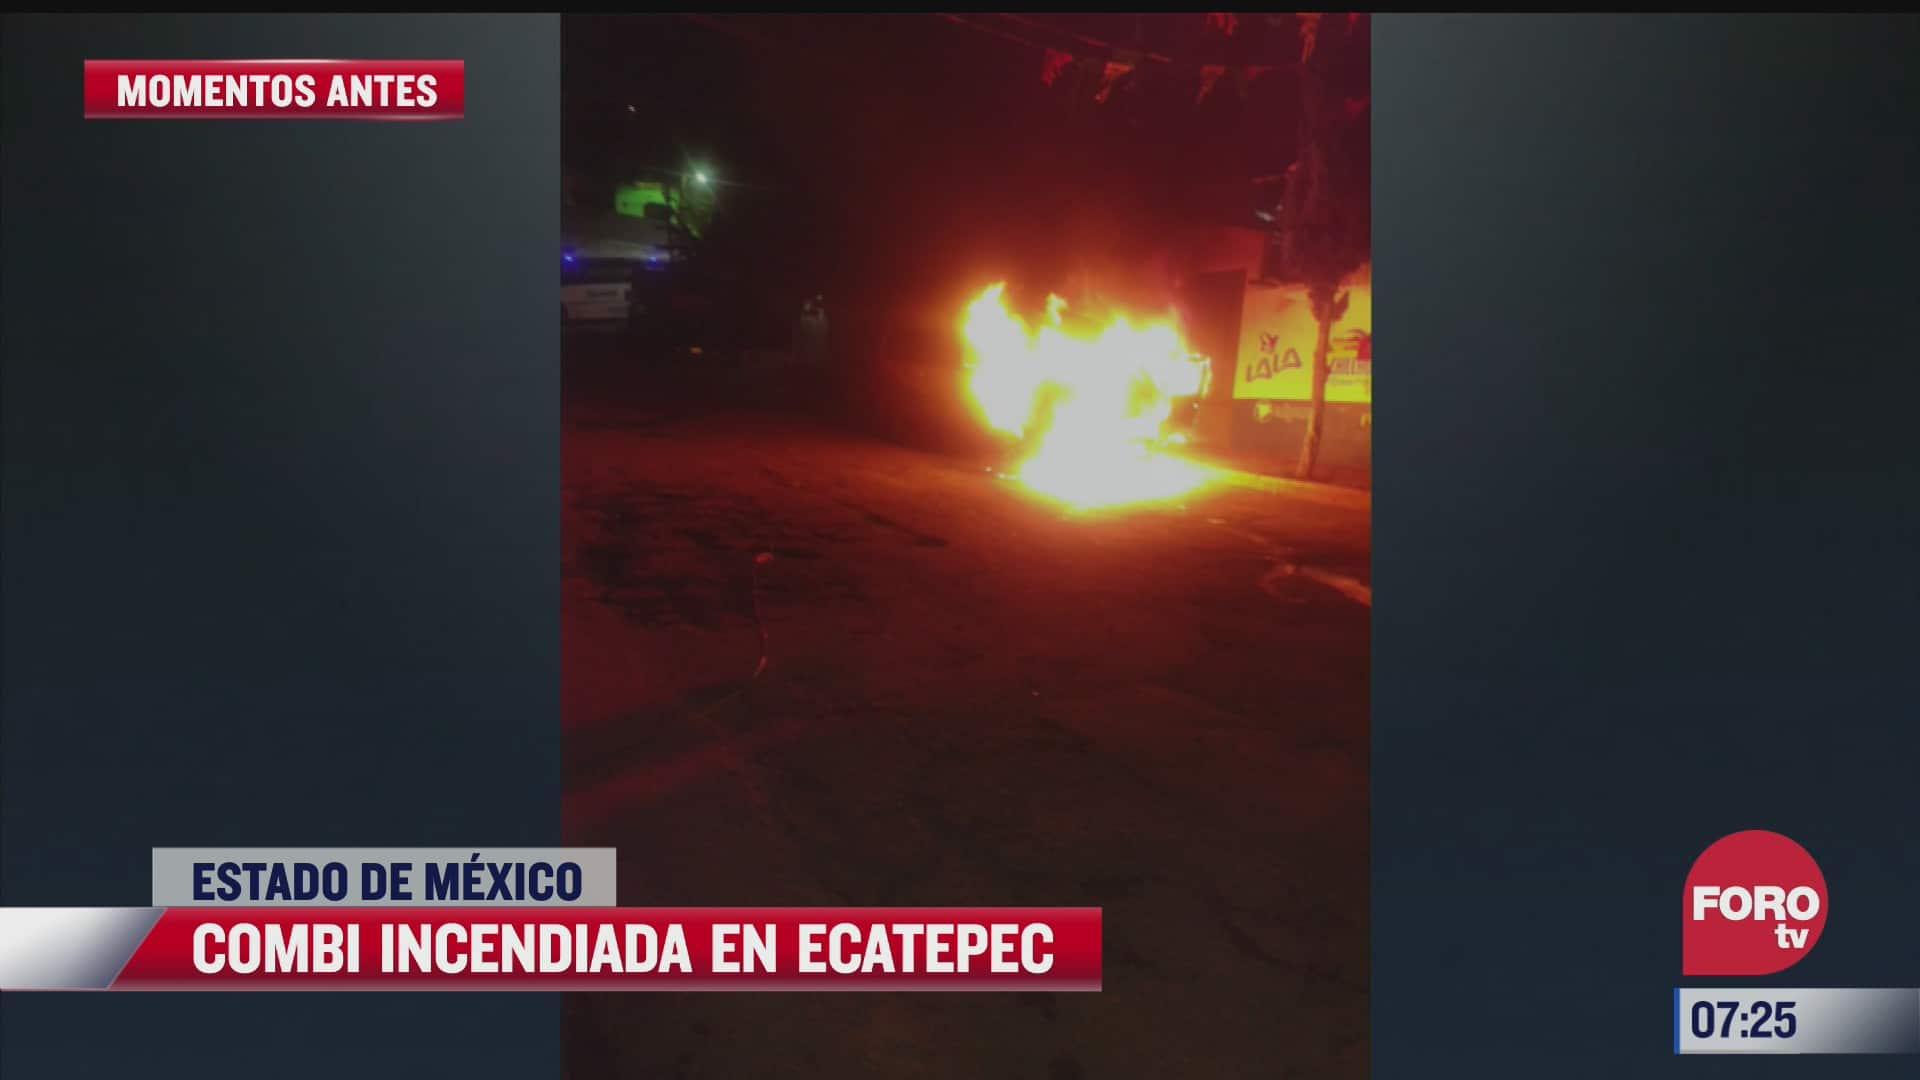 se incendia combi en ecatepec estado de mexico